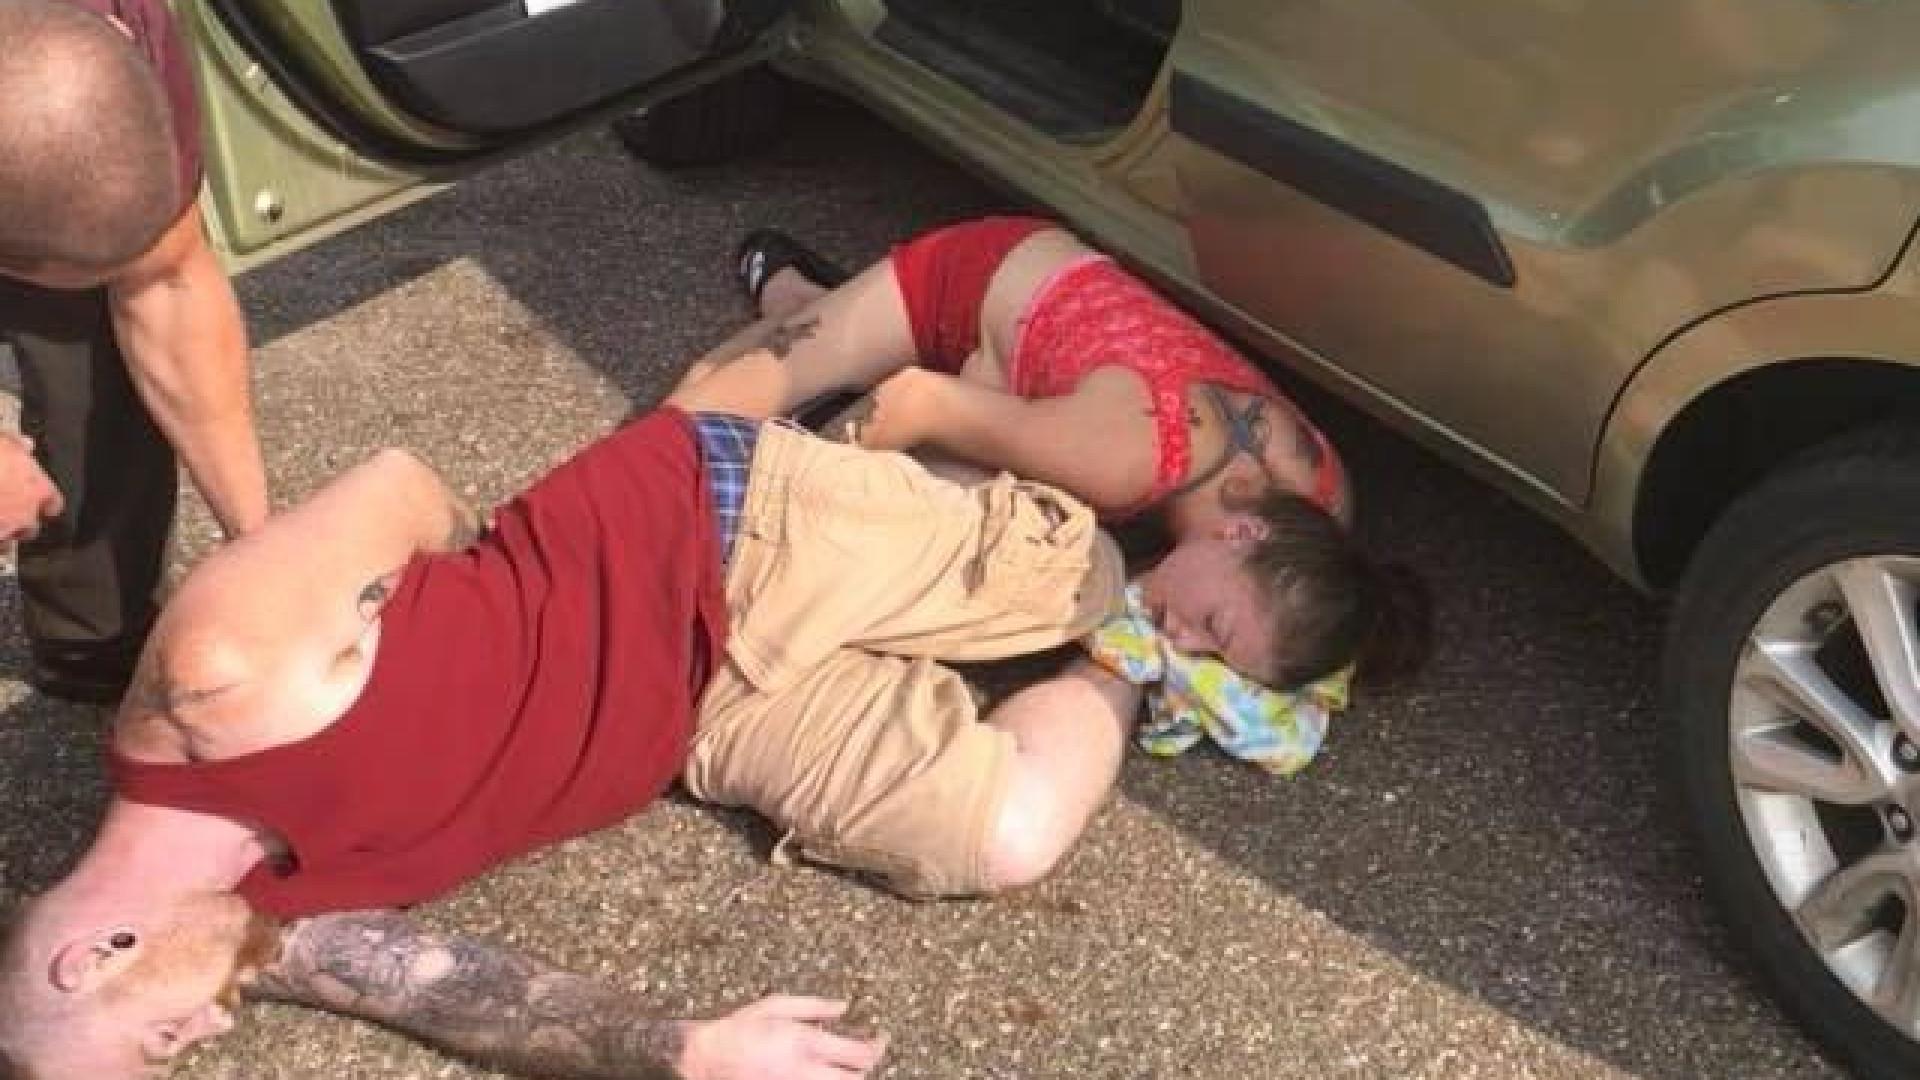 Casal resgata bebé de dentro de carro em dia com mais de 30 graus nos EUA